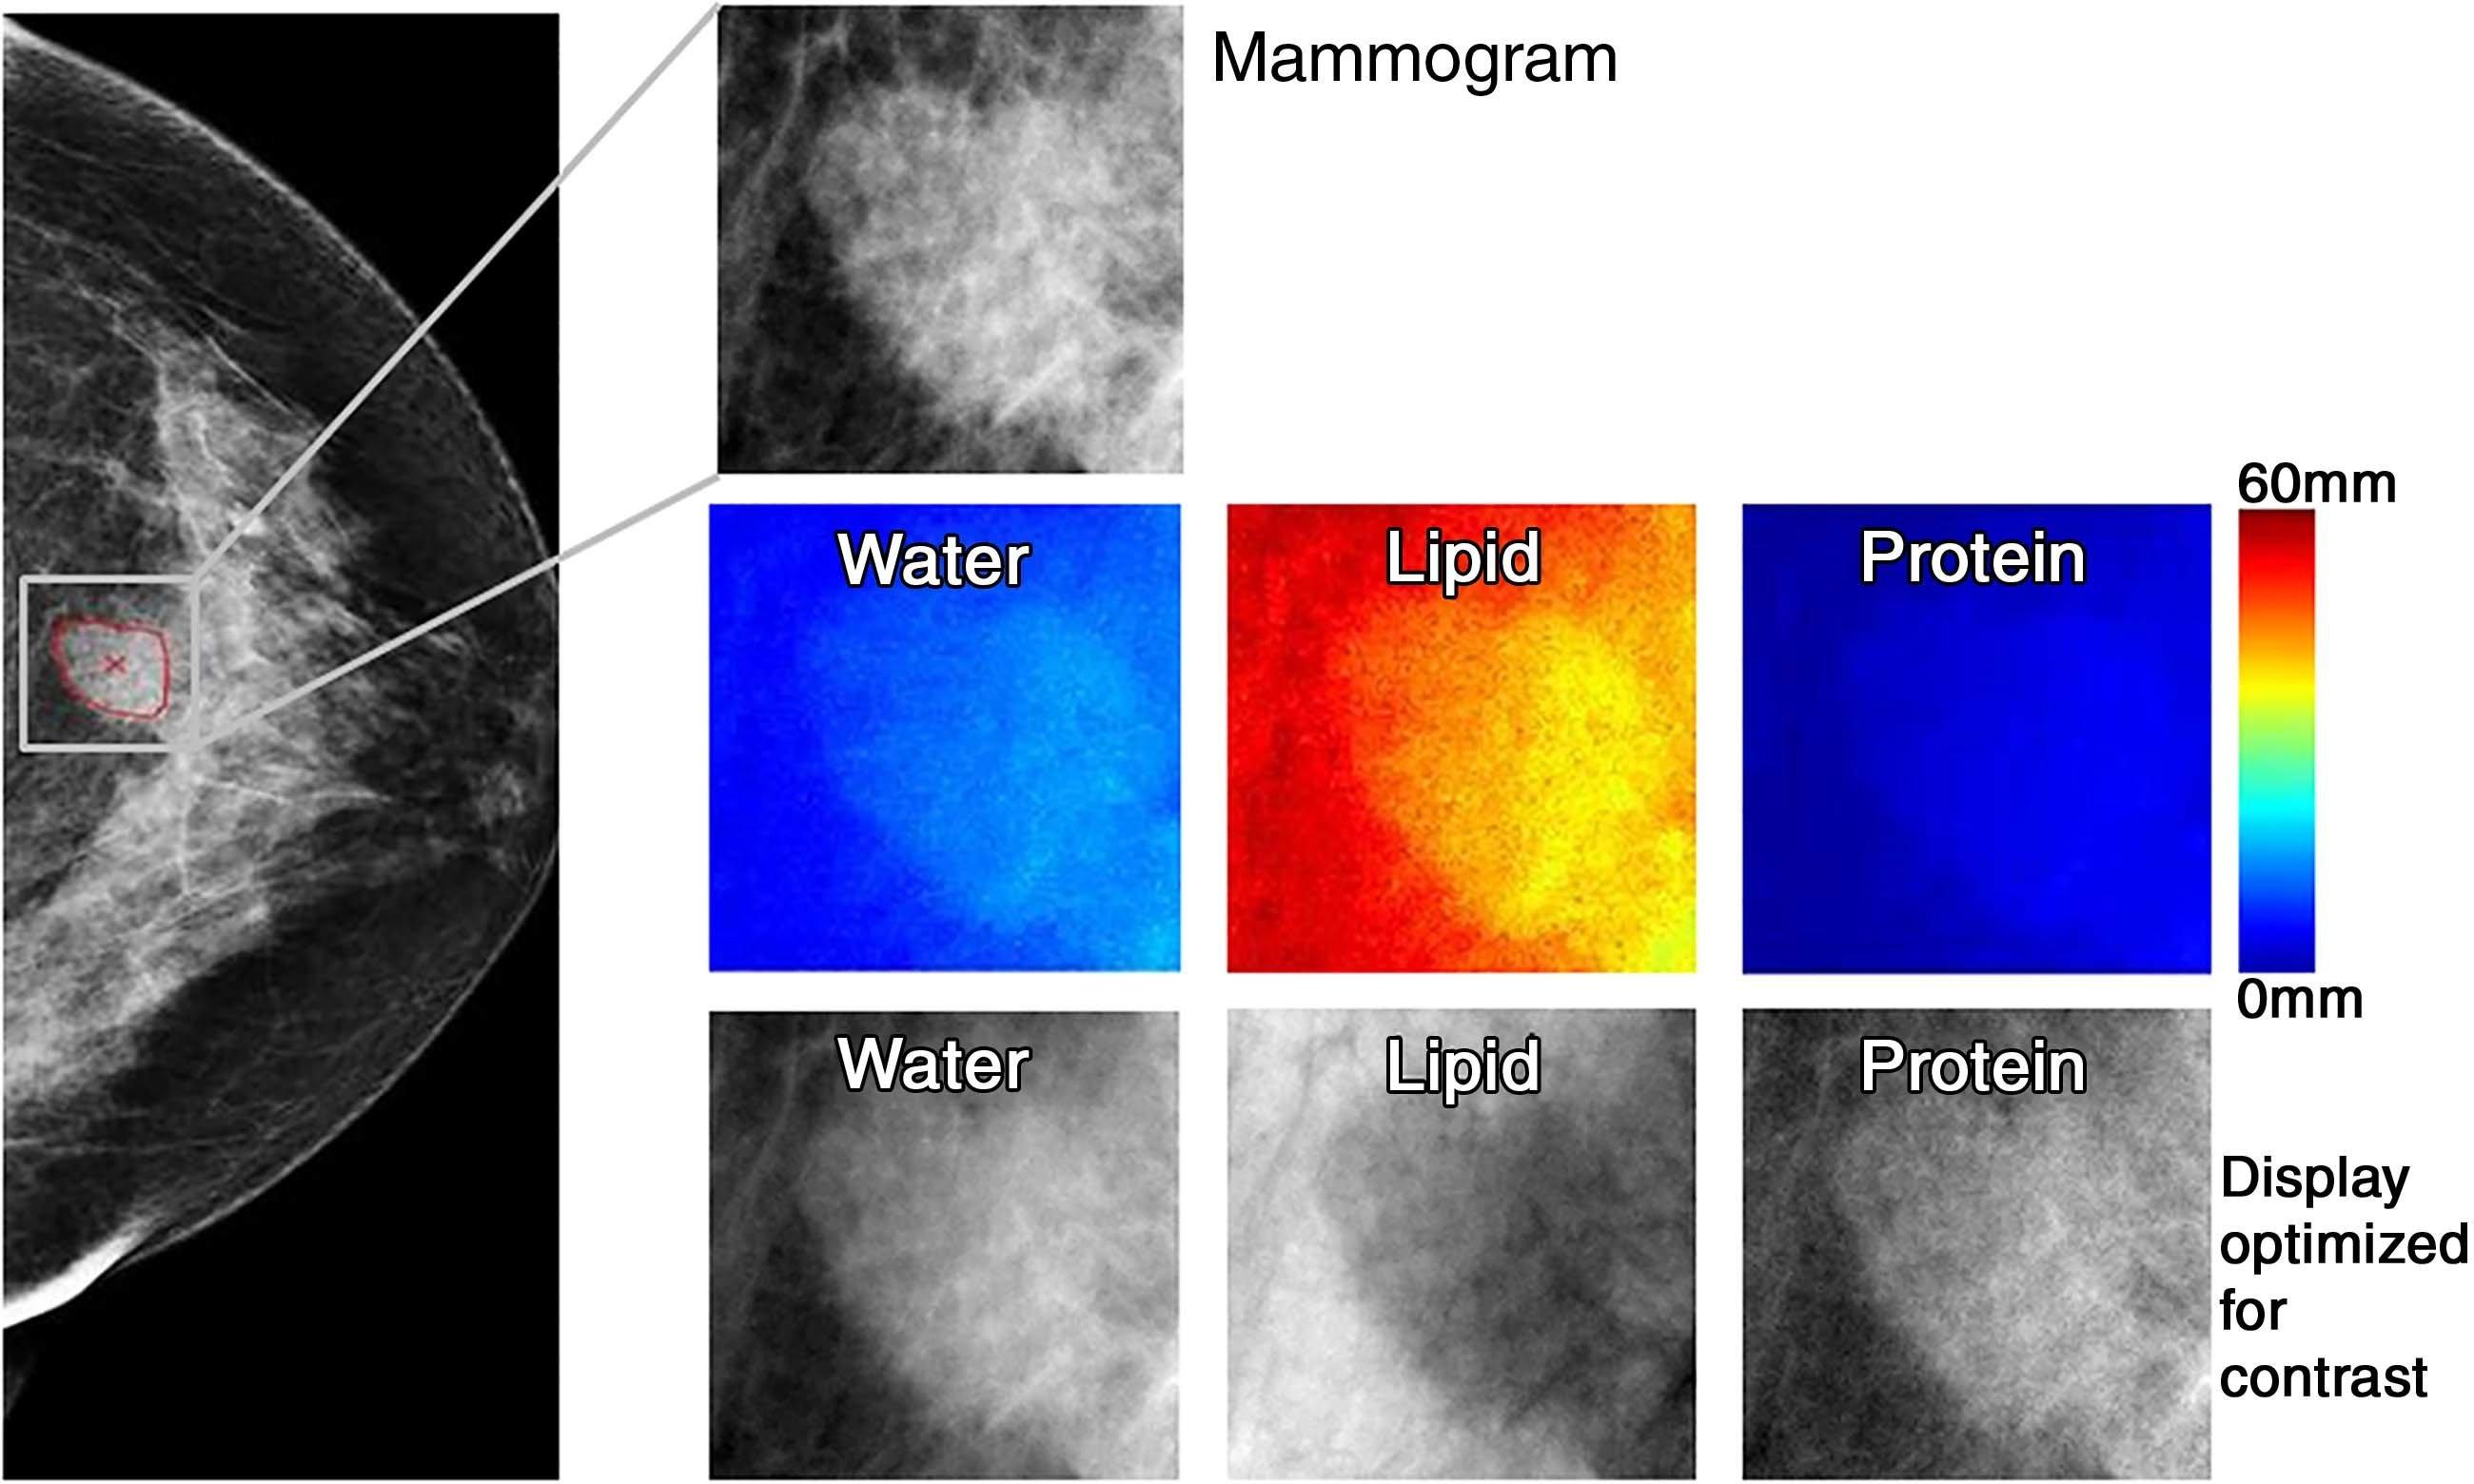 Neuartige Technik, die erheblich zur Verringerung der Brust-Biopsien